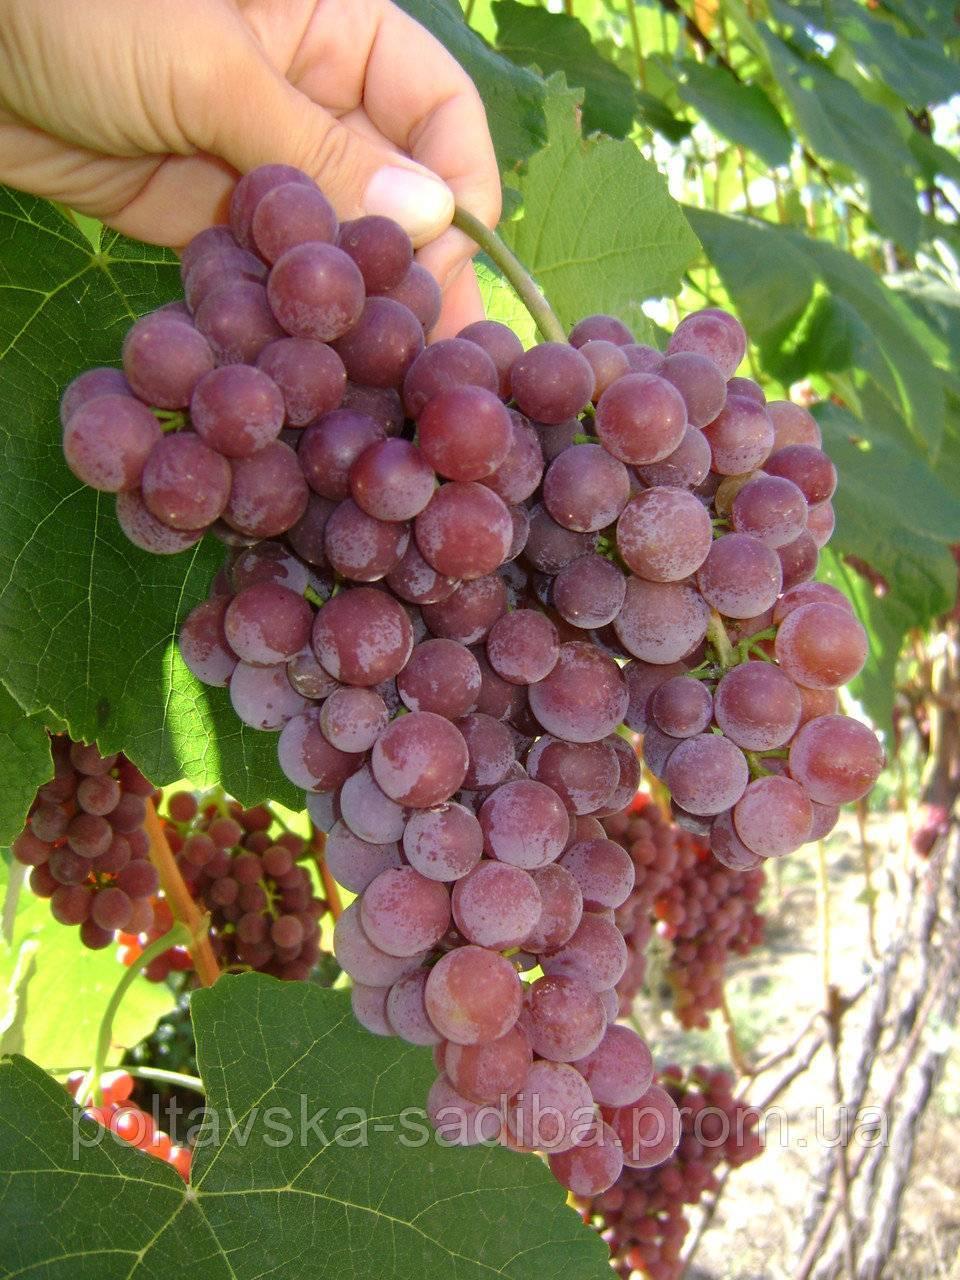 Описание сорта винограда Рилайнс Пинк Сидлис, основные характеристики и особенности